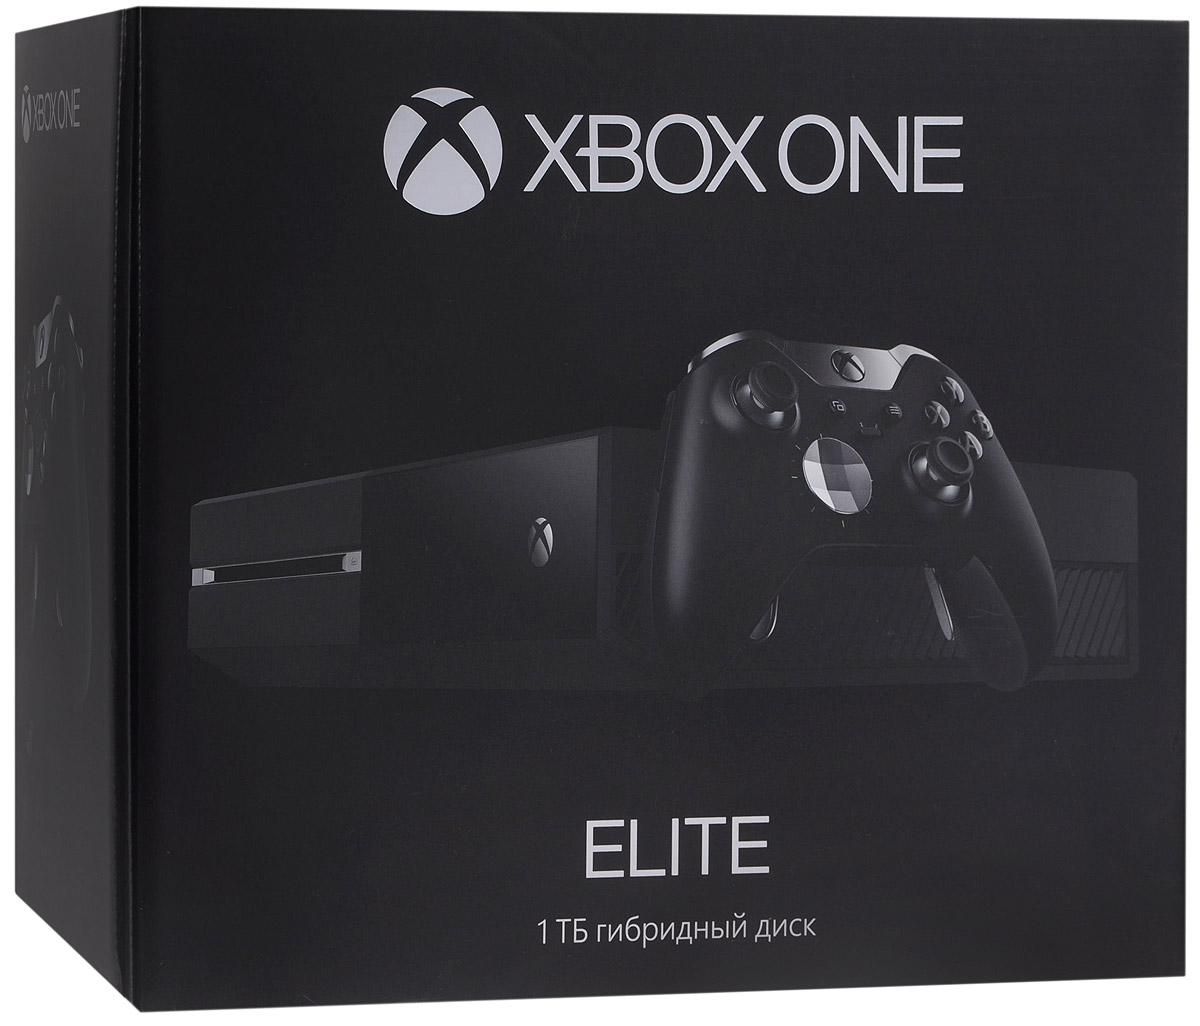 Игровая приставка Xbox One Elite 1 ТБKG4-00062Игровая приставка Xbox One Elite 1 ТБ откроет вам новую эру игр и развлечений следующего поколения, которые расширяют границы реальности! Xbox One — это игровая консоль, система телевидения и домашнего кинотеатра следующего поколения в одном устройстве. Больше не придется переключать входы на телевизоре, чтобы поиграть или посмотреть фильм. Консоль позволяет легко переключаться между просмотром телевизора и фильмов, прослушиванием музыки и играми! Играйте на профессиональном уровне с комплектом Xbox One Elite. Устанавливайте в два раза больше игр, благодаря новому гибридному жесткому диску объемом 1 ТБ с твердотельным накопителем. Теперь консоль выходит из спящего режима на 20% быстрее - включайтесь в игру первым. С новым геймпадом Xbox One Elite вы сможете играть с профессиональной точностью благодаря заменяемым компонентам, блокировке хода курка Hair Trigger Lock и безграничным возможностям настройки через удобное приложение. Выбирайте из разнообразных ...